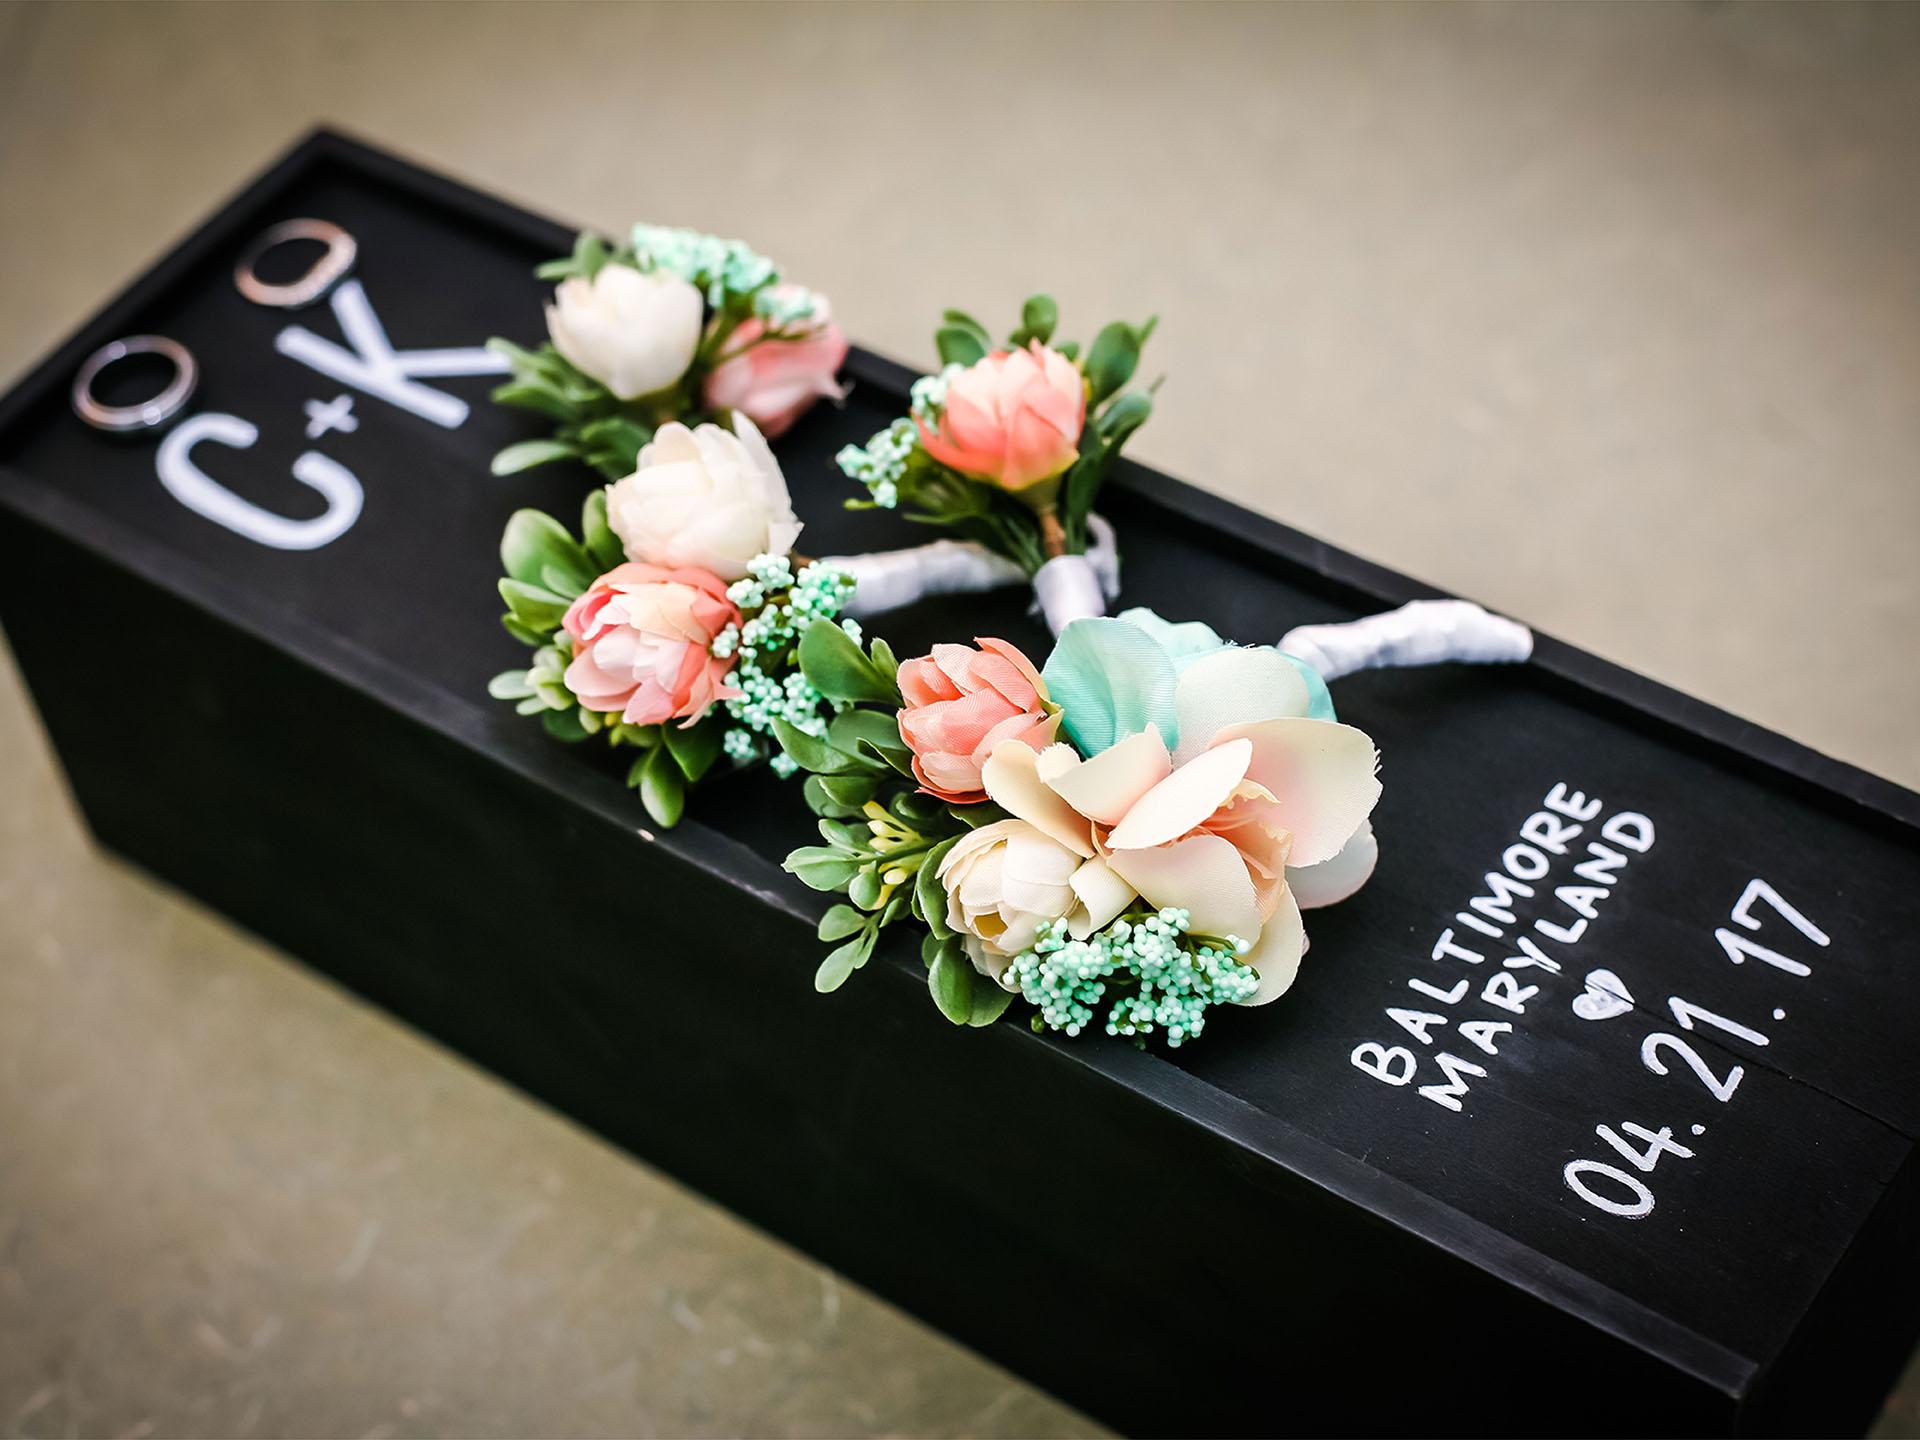 4to3_Weddings-09.jpg